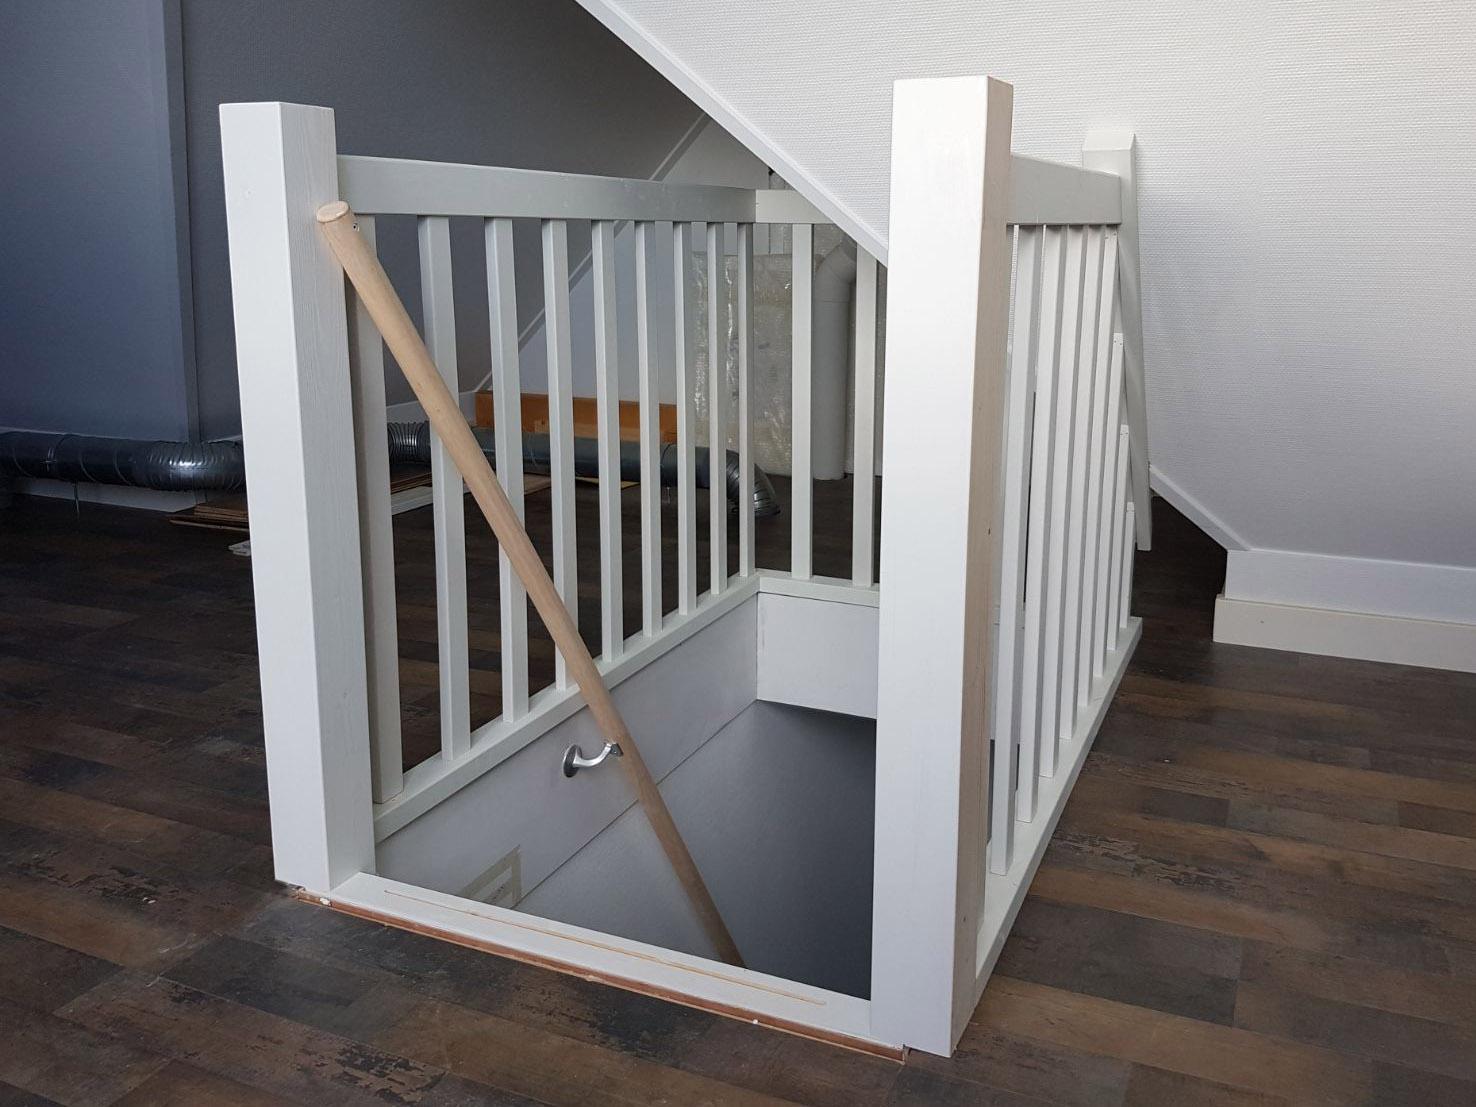 Kosten trap plaatsen naar zolder for Houten trap plaatsen